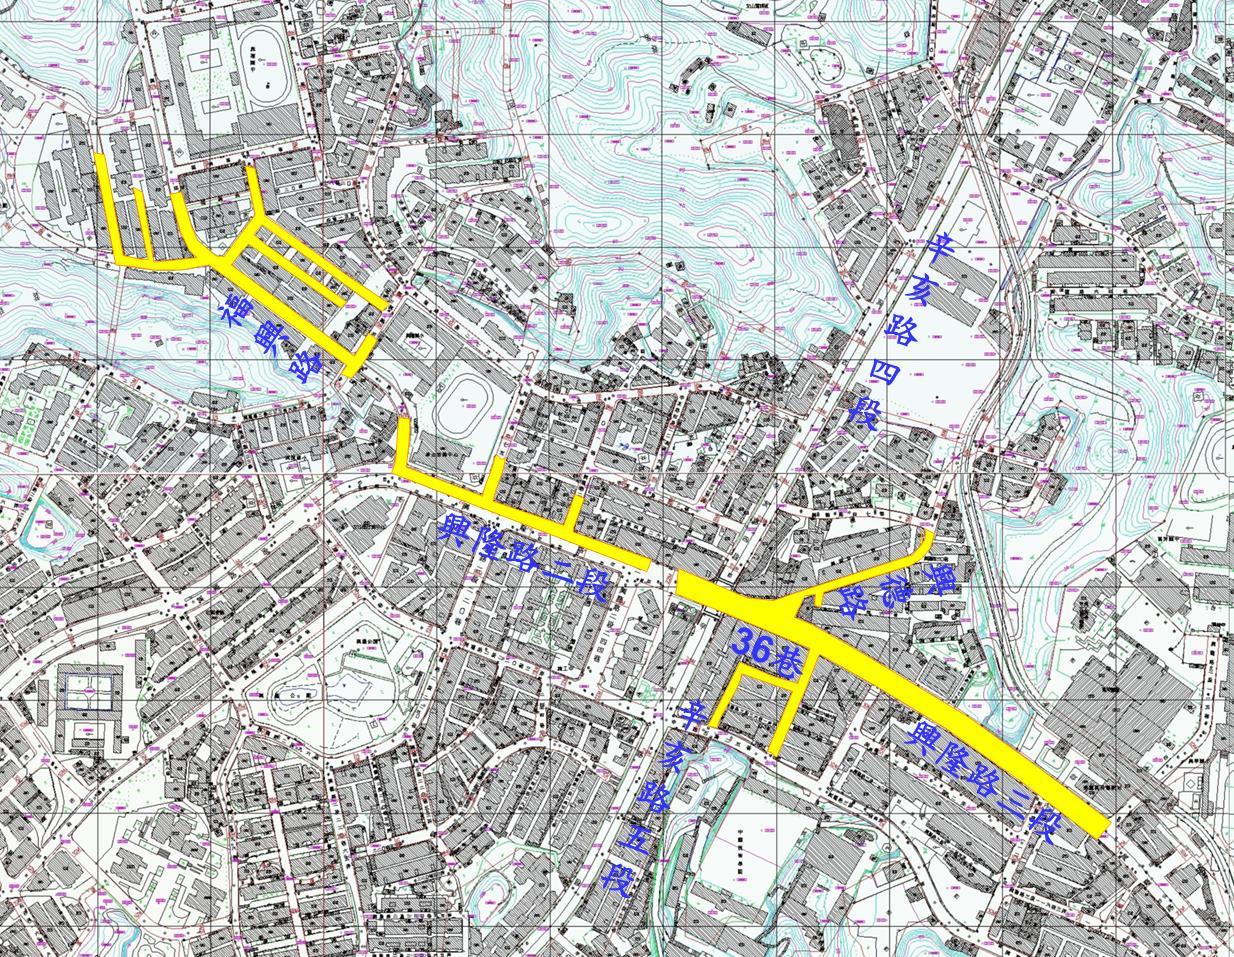 興隆路幹線積水區位及範圍圖